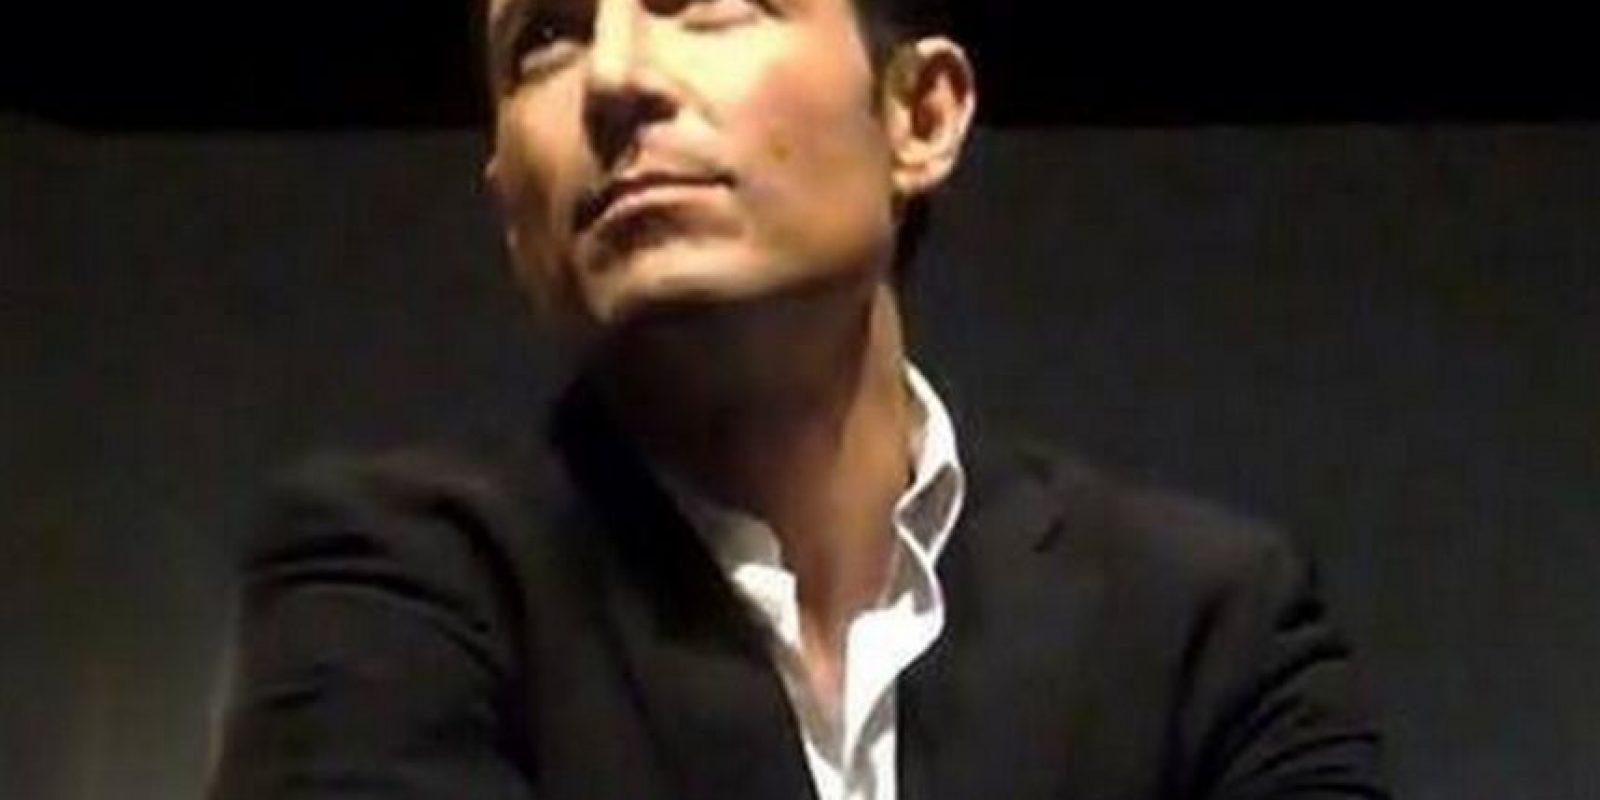 El actor ya tiene 49 años Foto:Vía facebook.com/pages/Fernando-Colung